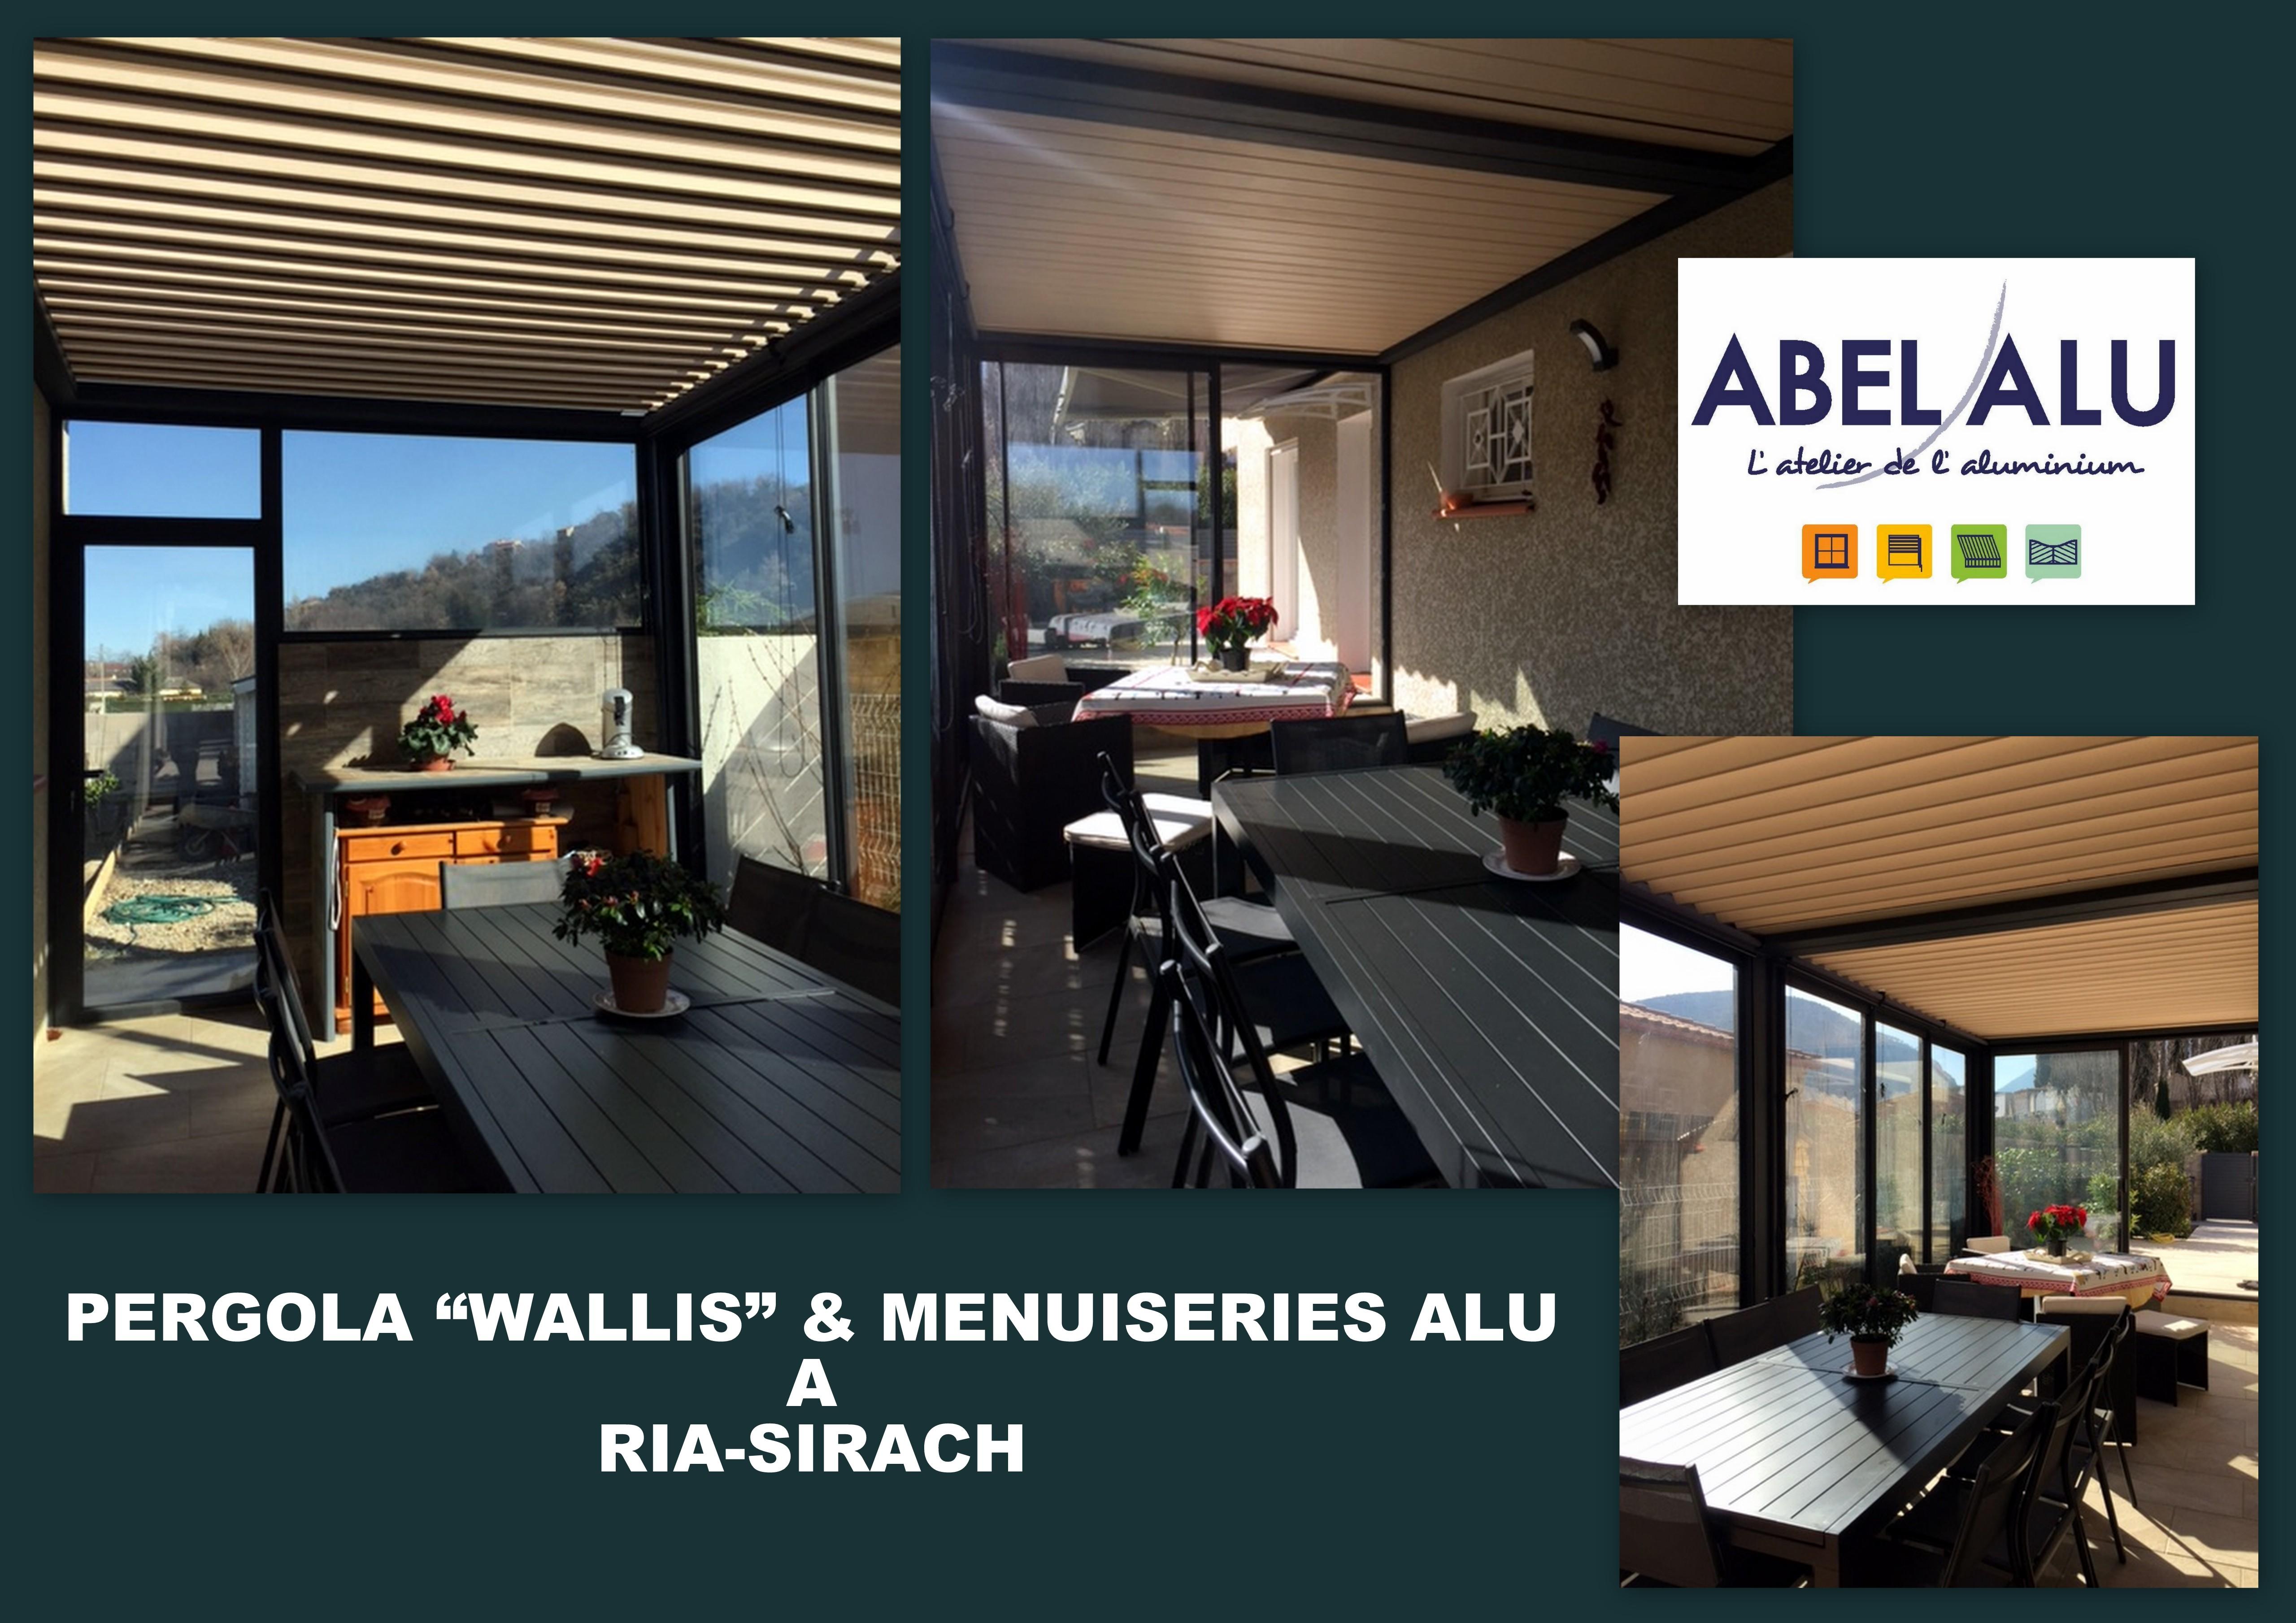 ABEL ALU - PERGOLA WALLIS & MENUISERIES ALU - RIA